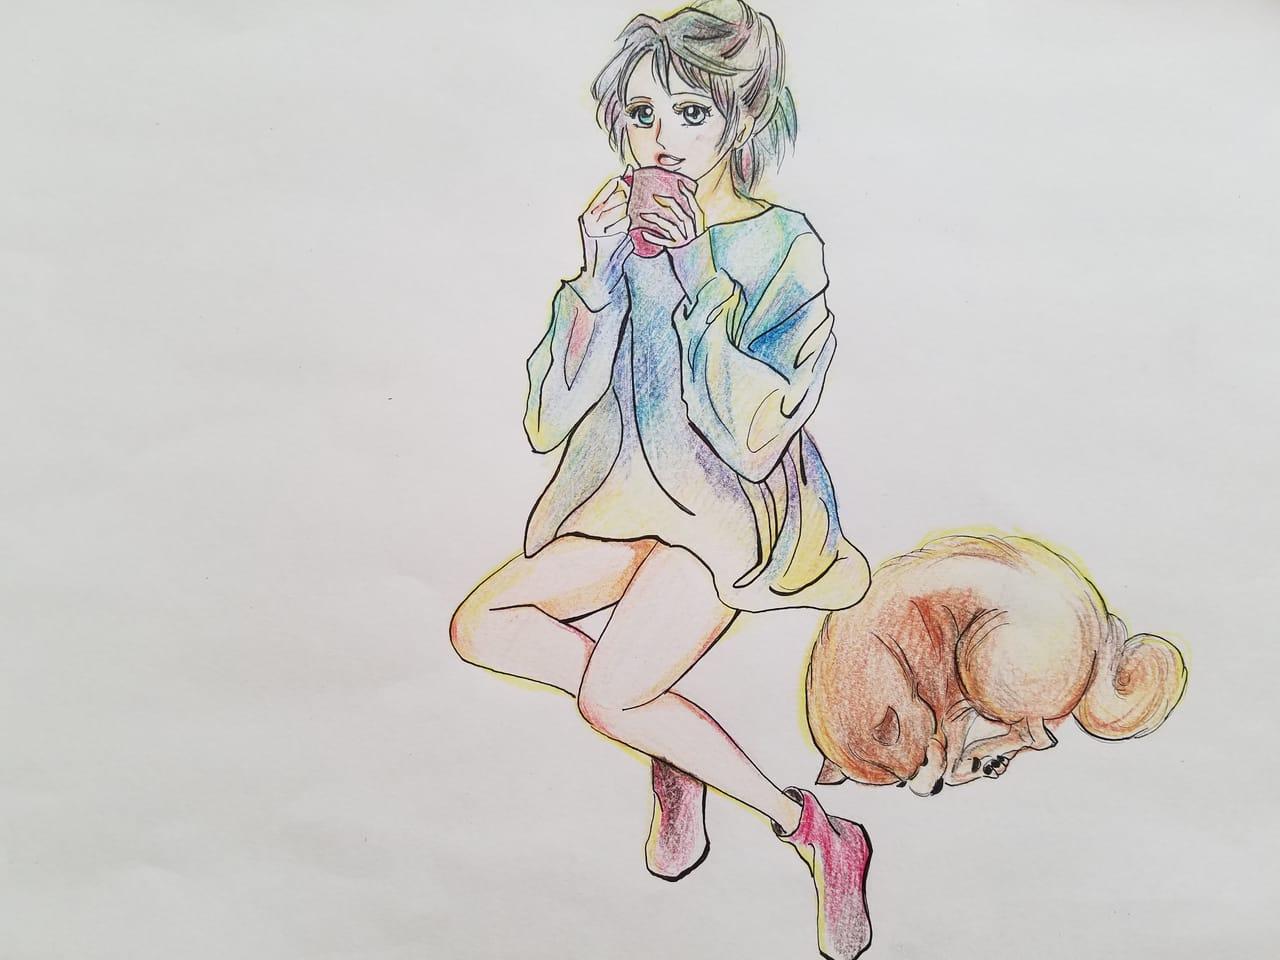 オリジナル その2 Illust of おかかうめ アナログ coloredpencil practice sketch dog girl oc doodle